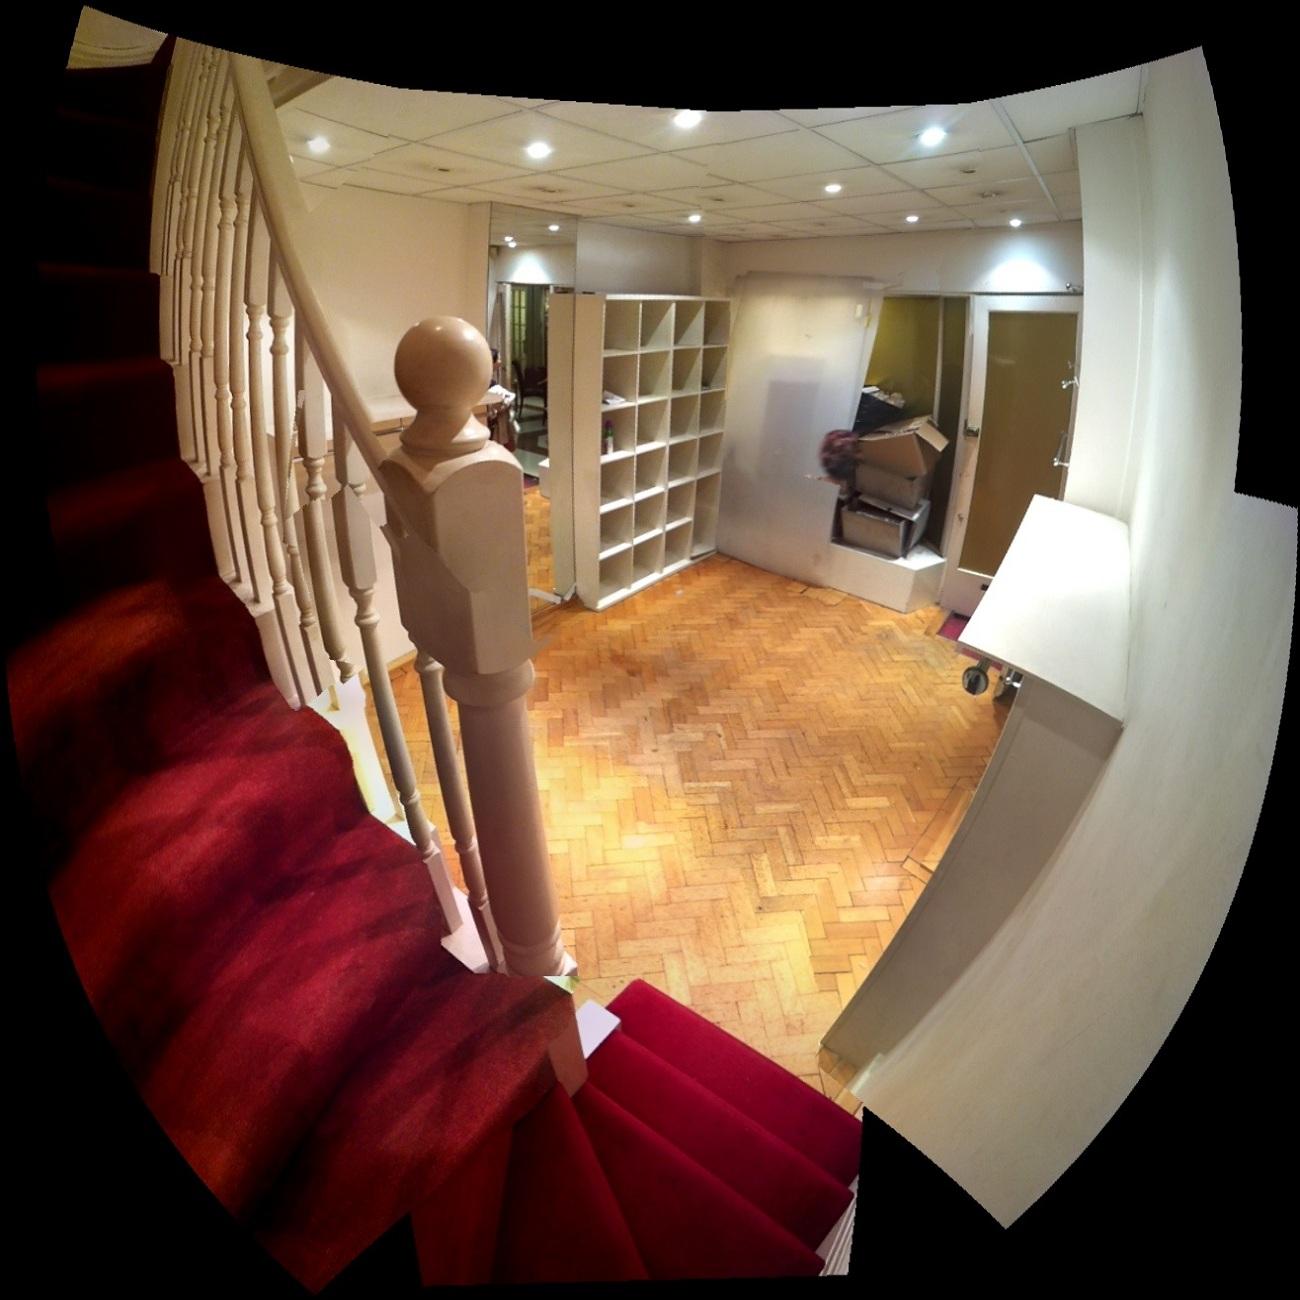 3Dプリンタ製ドール販売の「Makies」、11/29〜2/5までロンドンに期間限定ショップをオープン